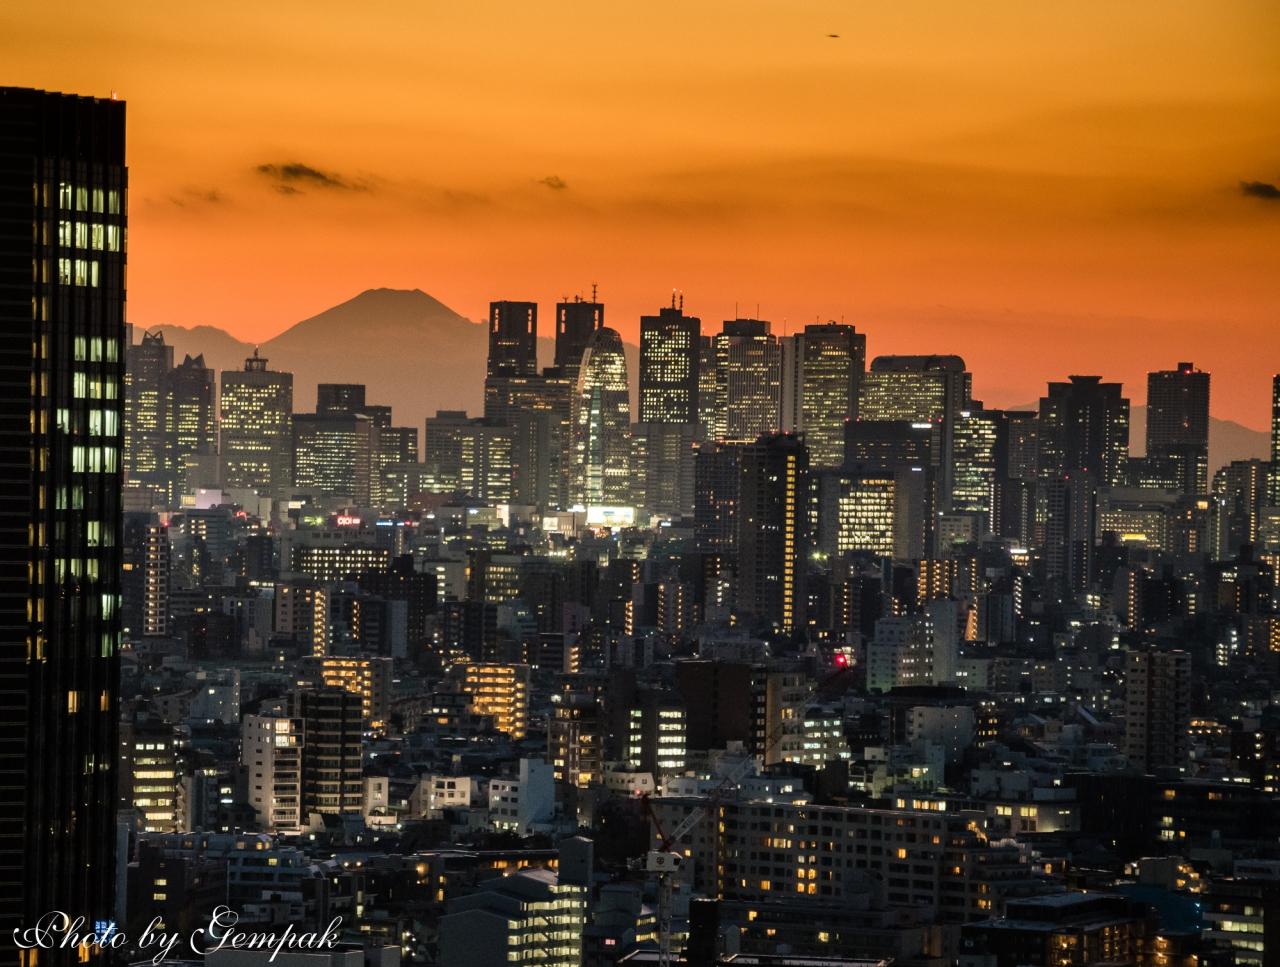 冬晴れの大都会の夕景・夜景、そ...